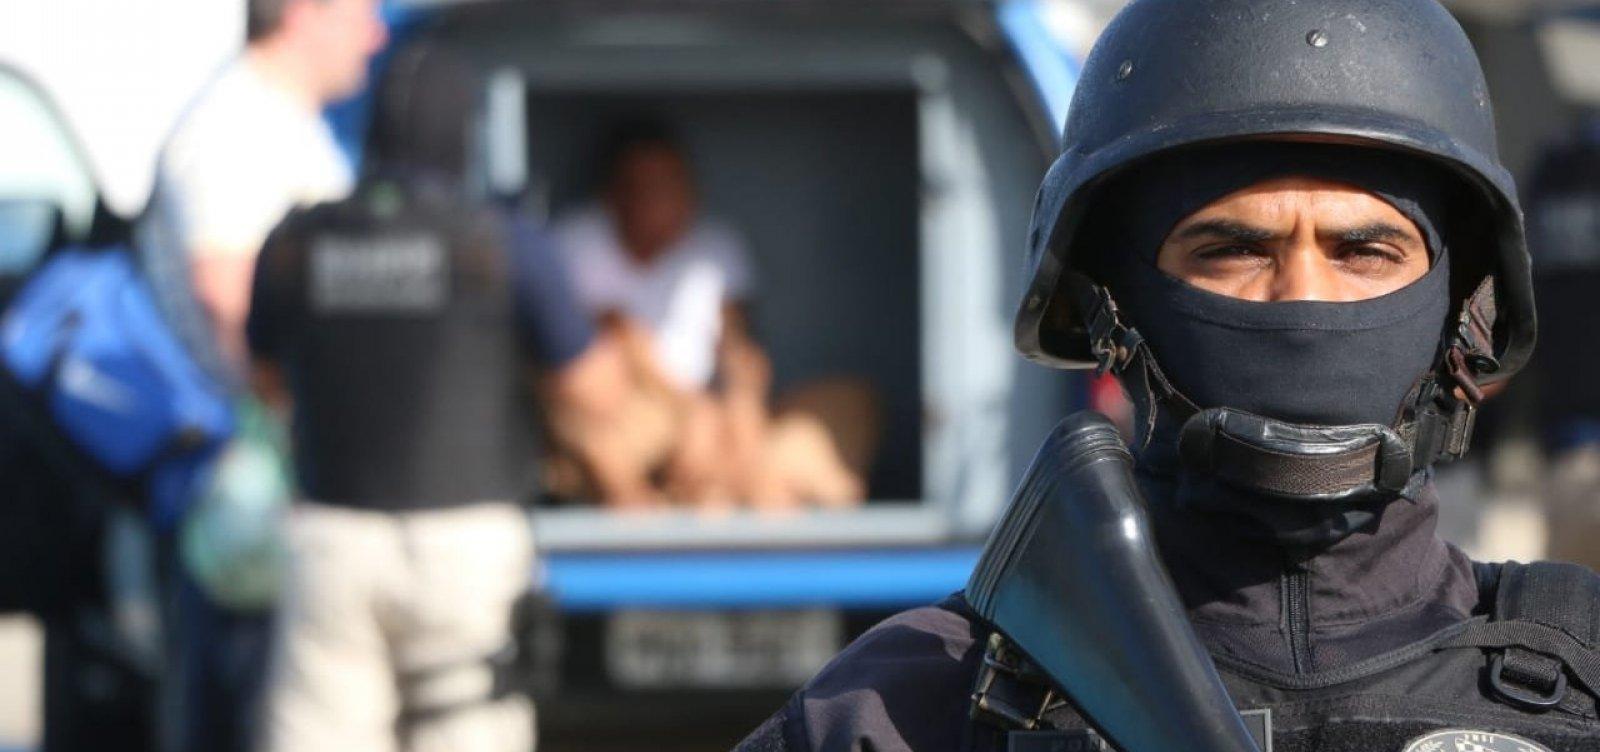 Acusado de matar cabo da PM e seguranças de show do Harmonia é apresentado pela polícia